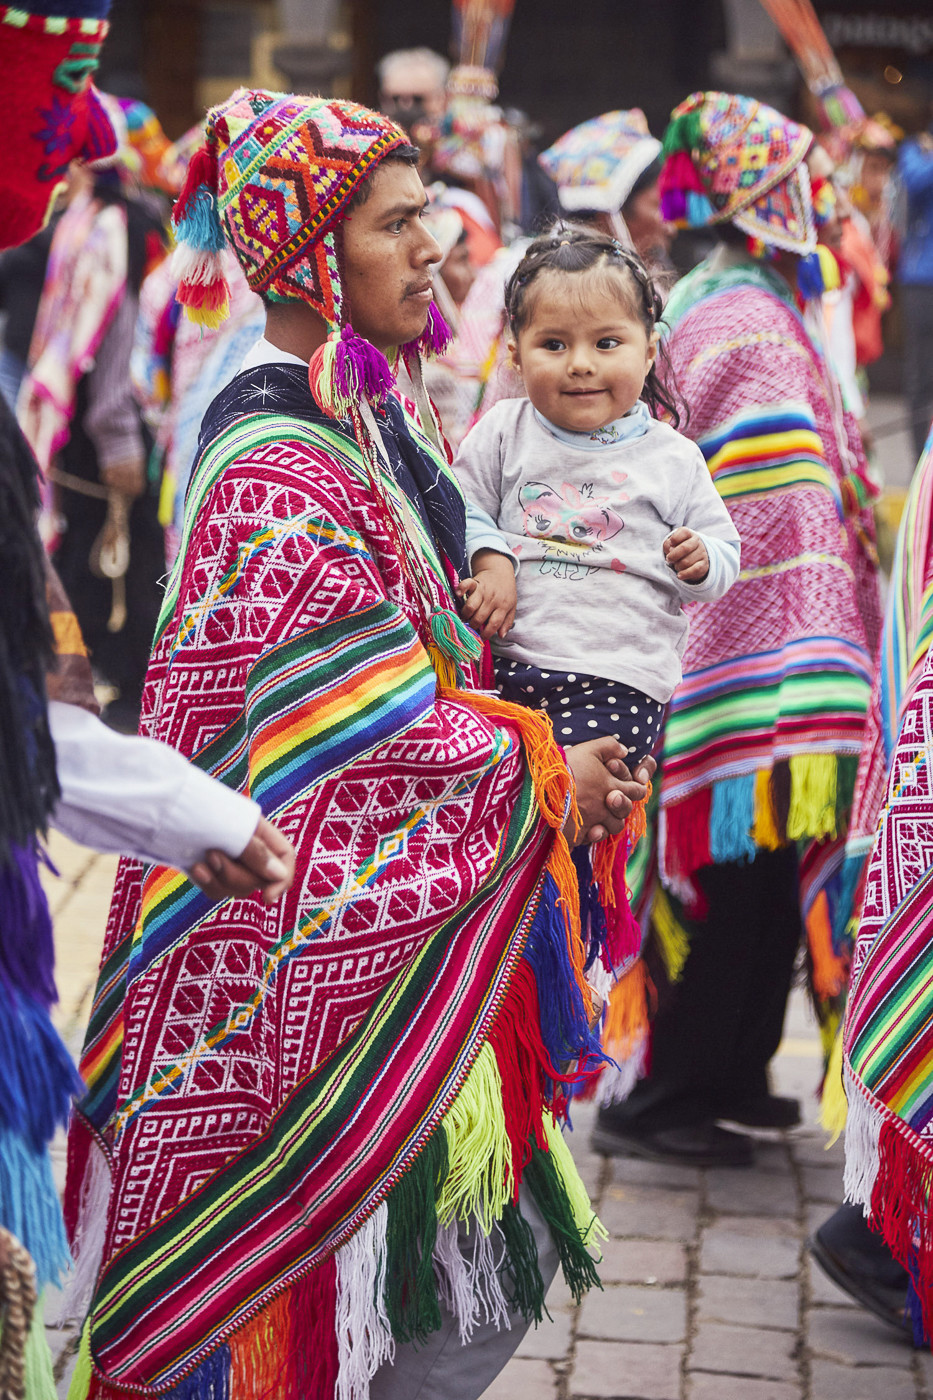 Mann in peruanischer Tracht mit kleinem lachenden Kind auf dem Arm - Kultur in Peru